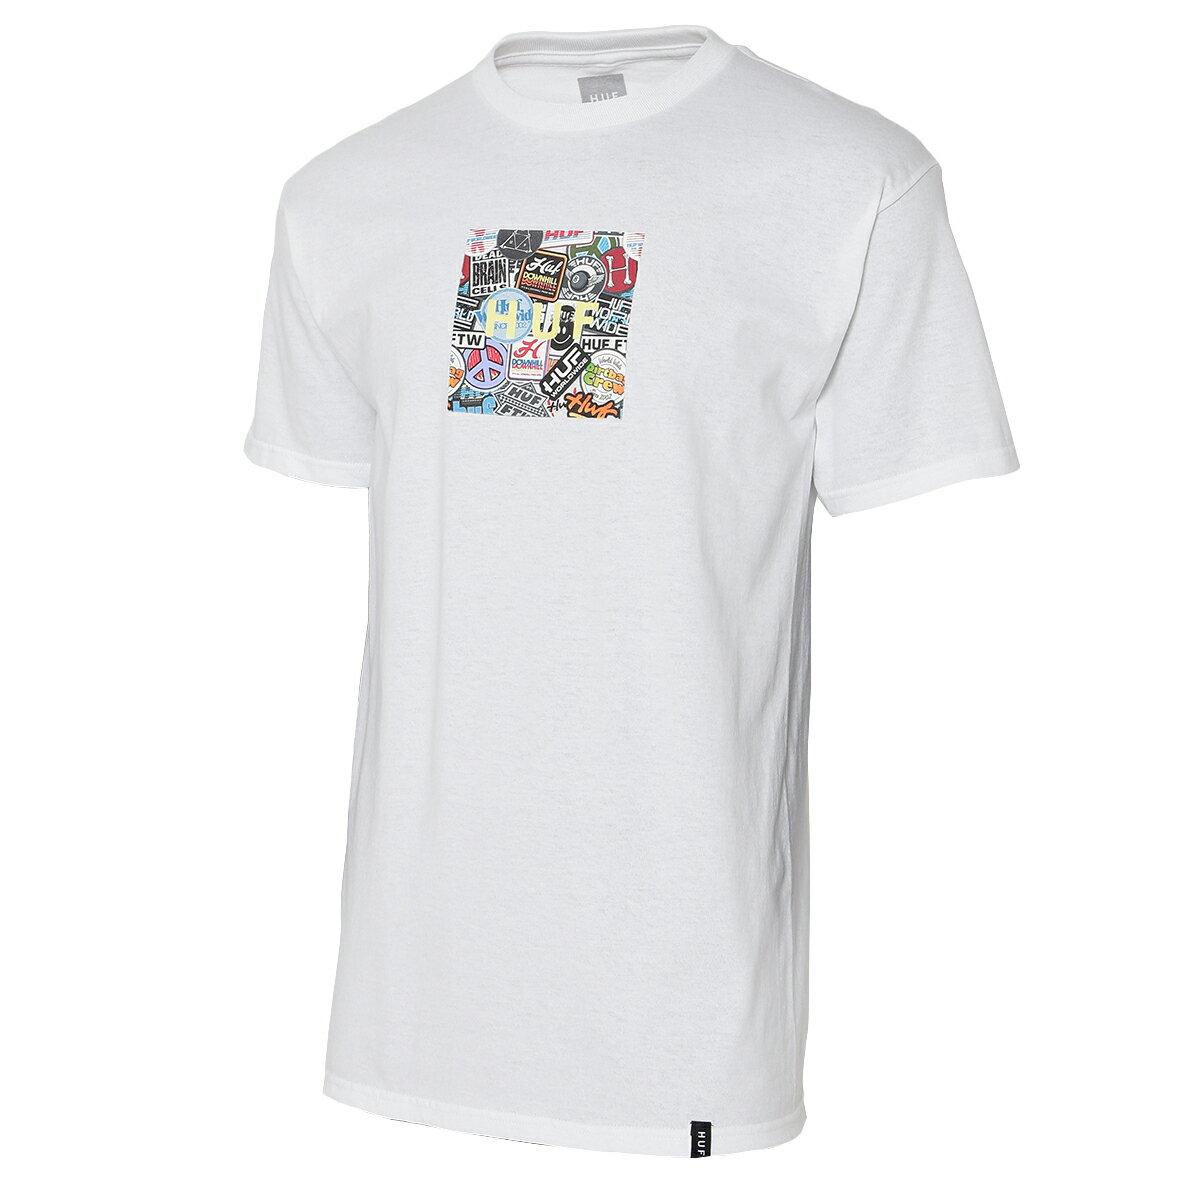 トップス, Tシャツ・カットソー  HUF TSTICKER WARS BOX LOGO SS TEEWHITE